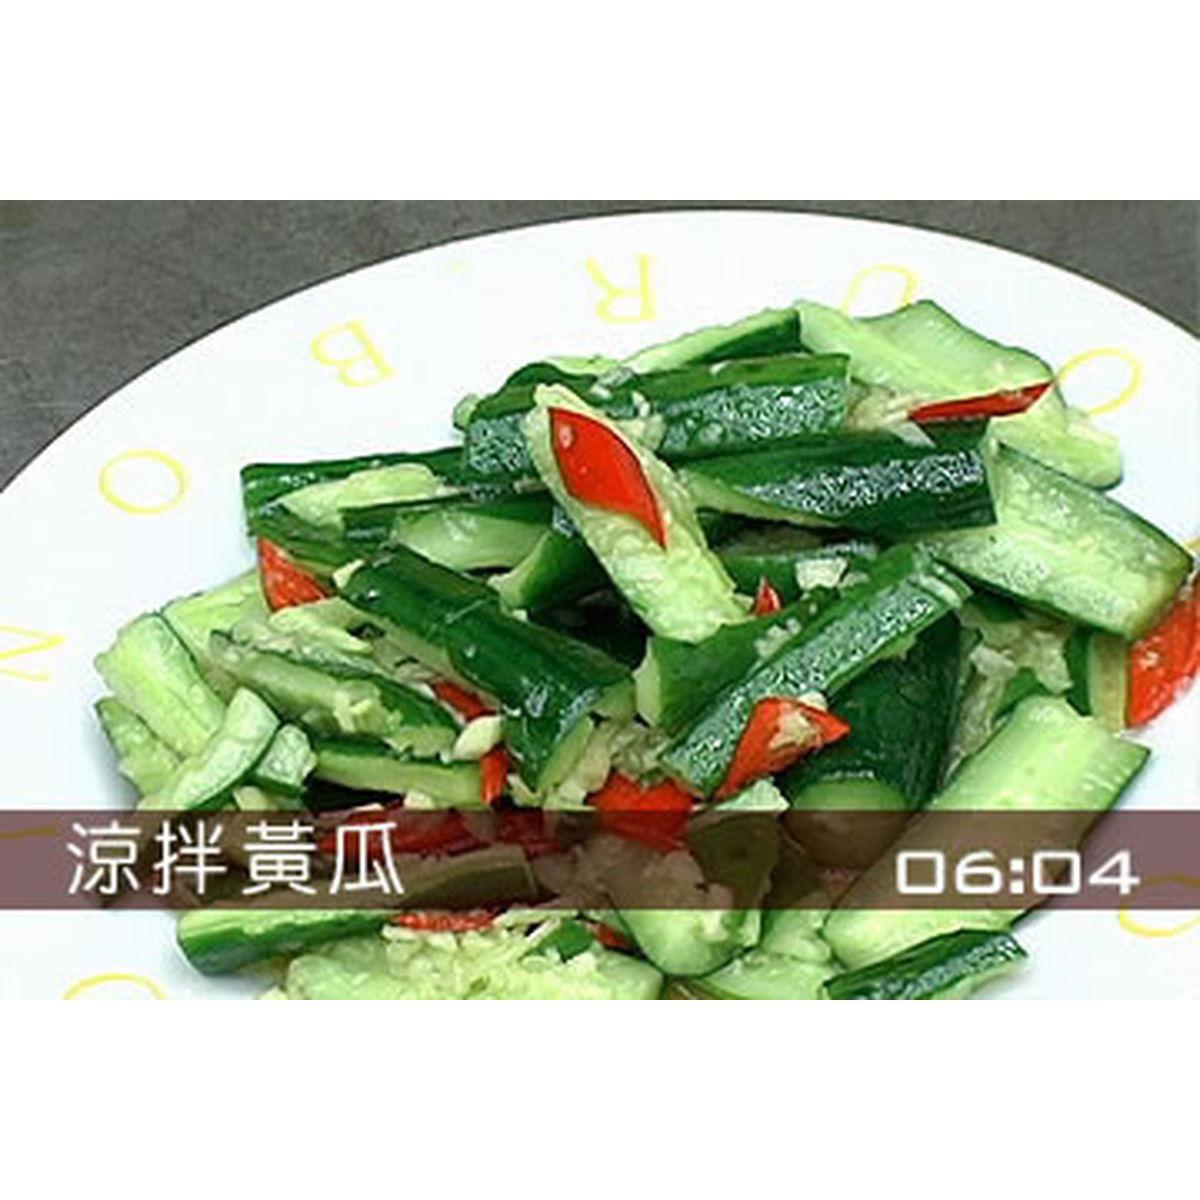 食譜:涼拌黃瓜